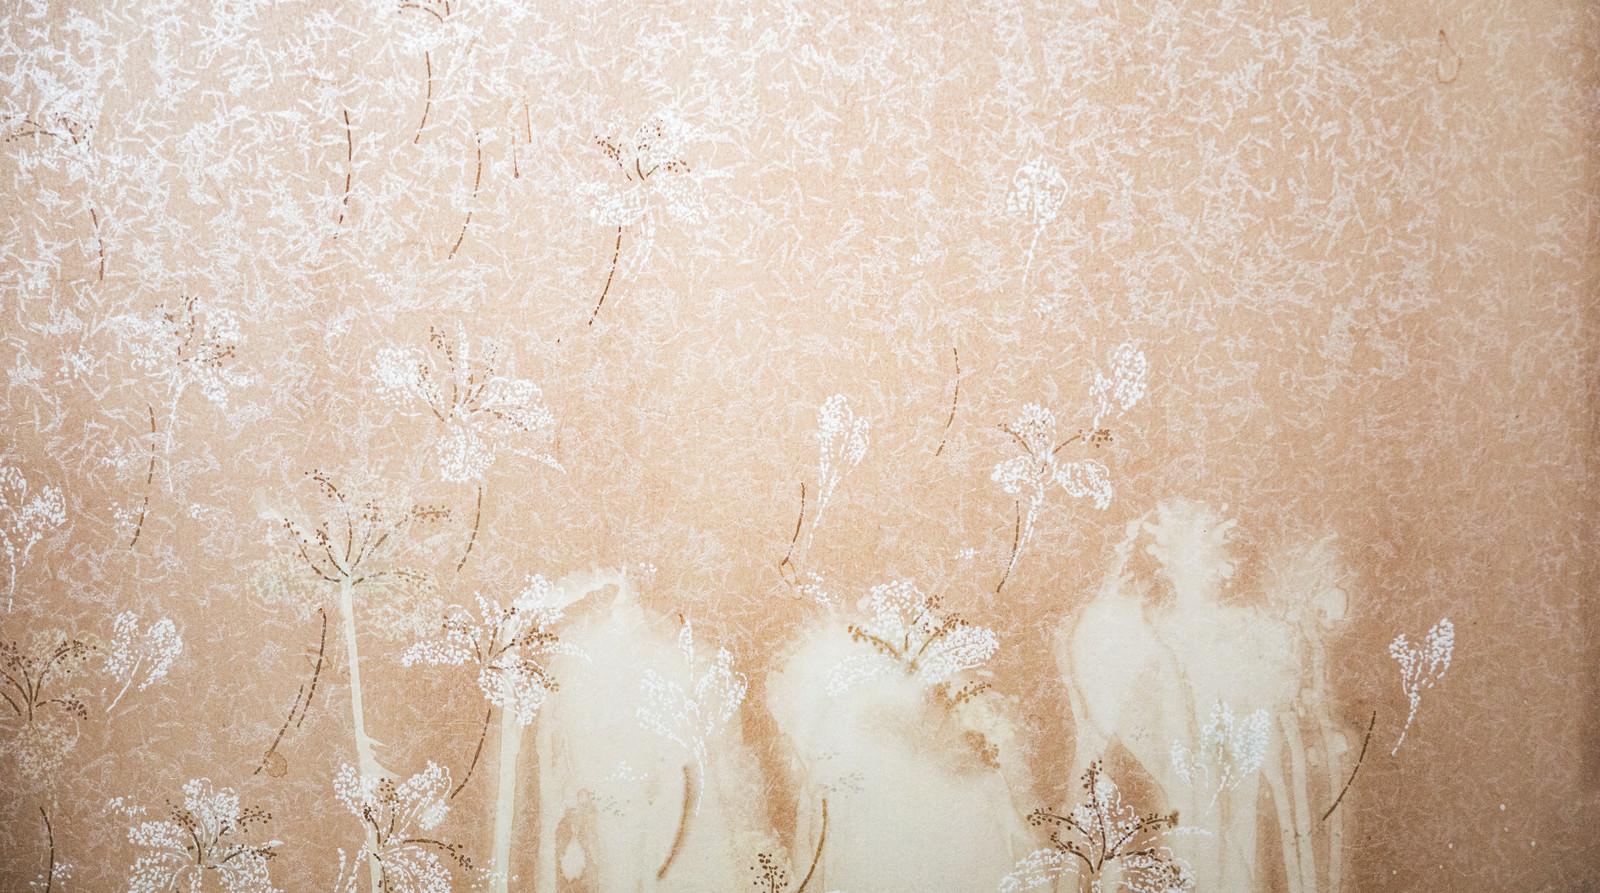 「白く染みのついた壁紙(テクスチャ)」の写真